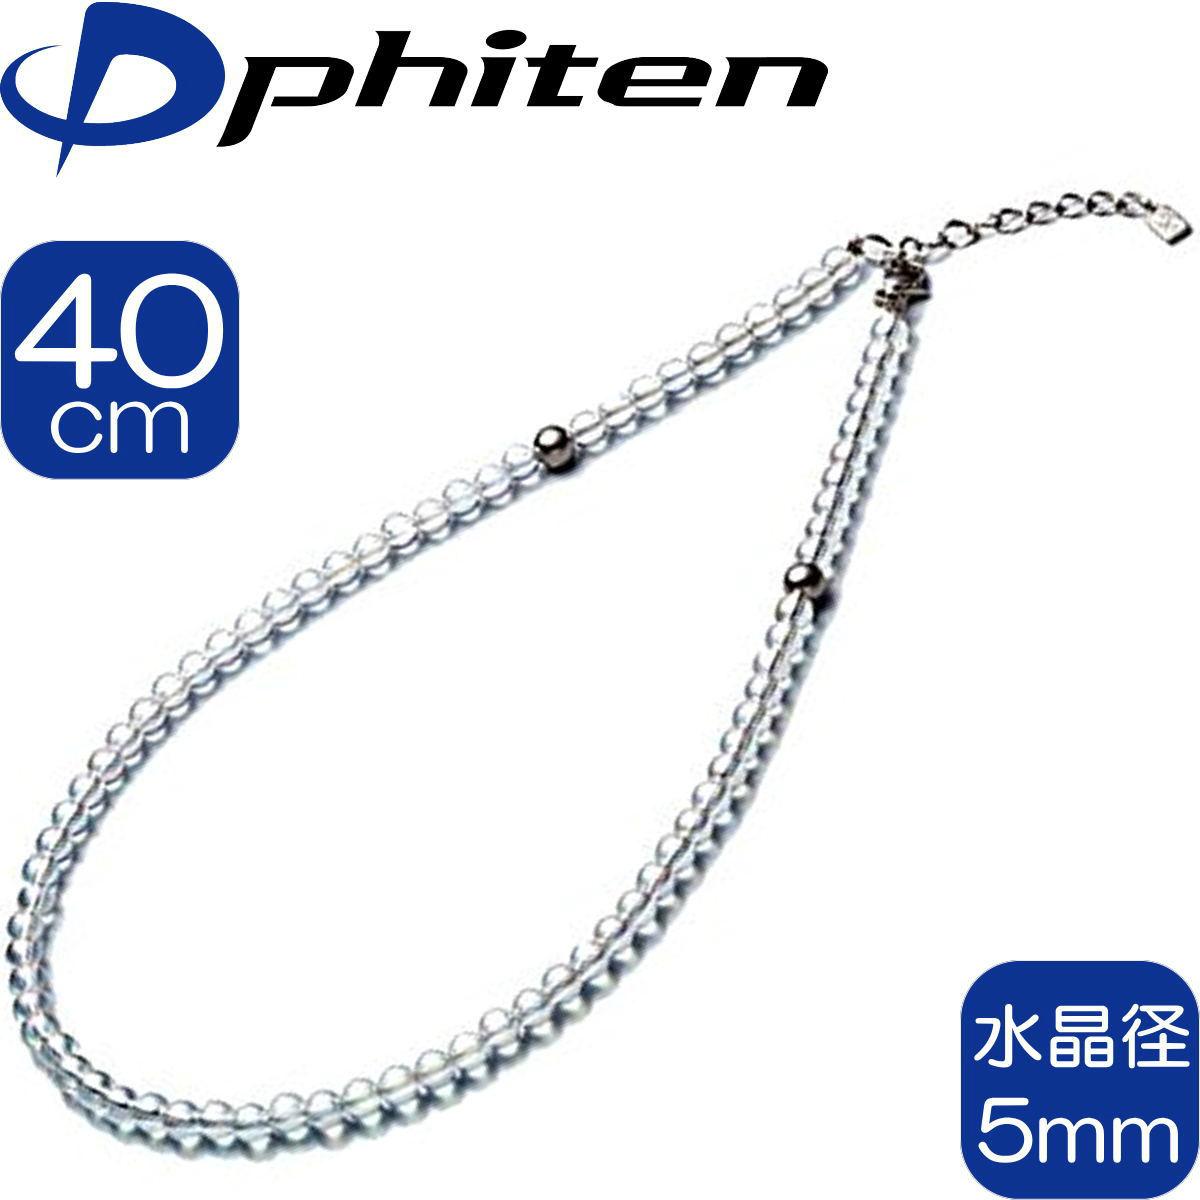 【正規品】 Phiten | チタン水晶ネックレス 5mm玉 40cm (+5cmアジャスター) | |日本製 | 0515AQ814051 | ファイテン